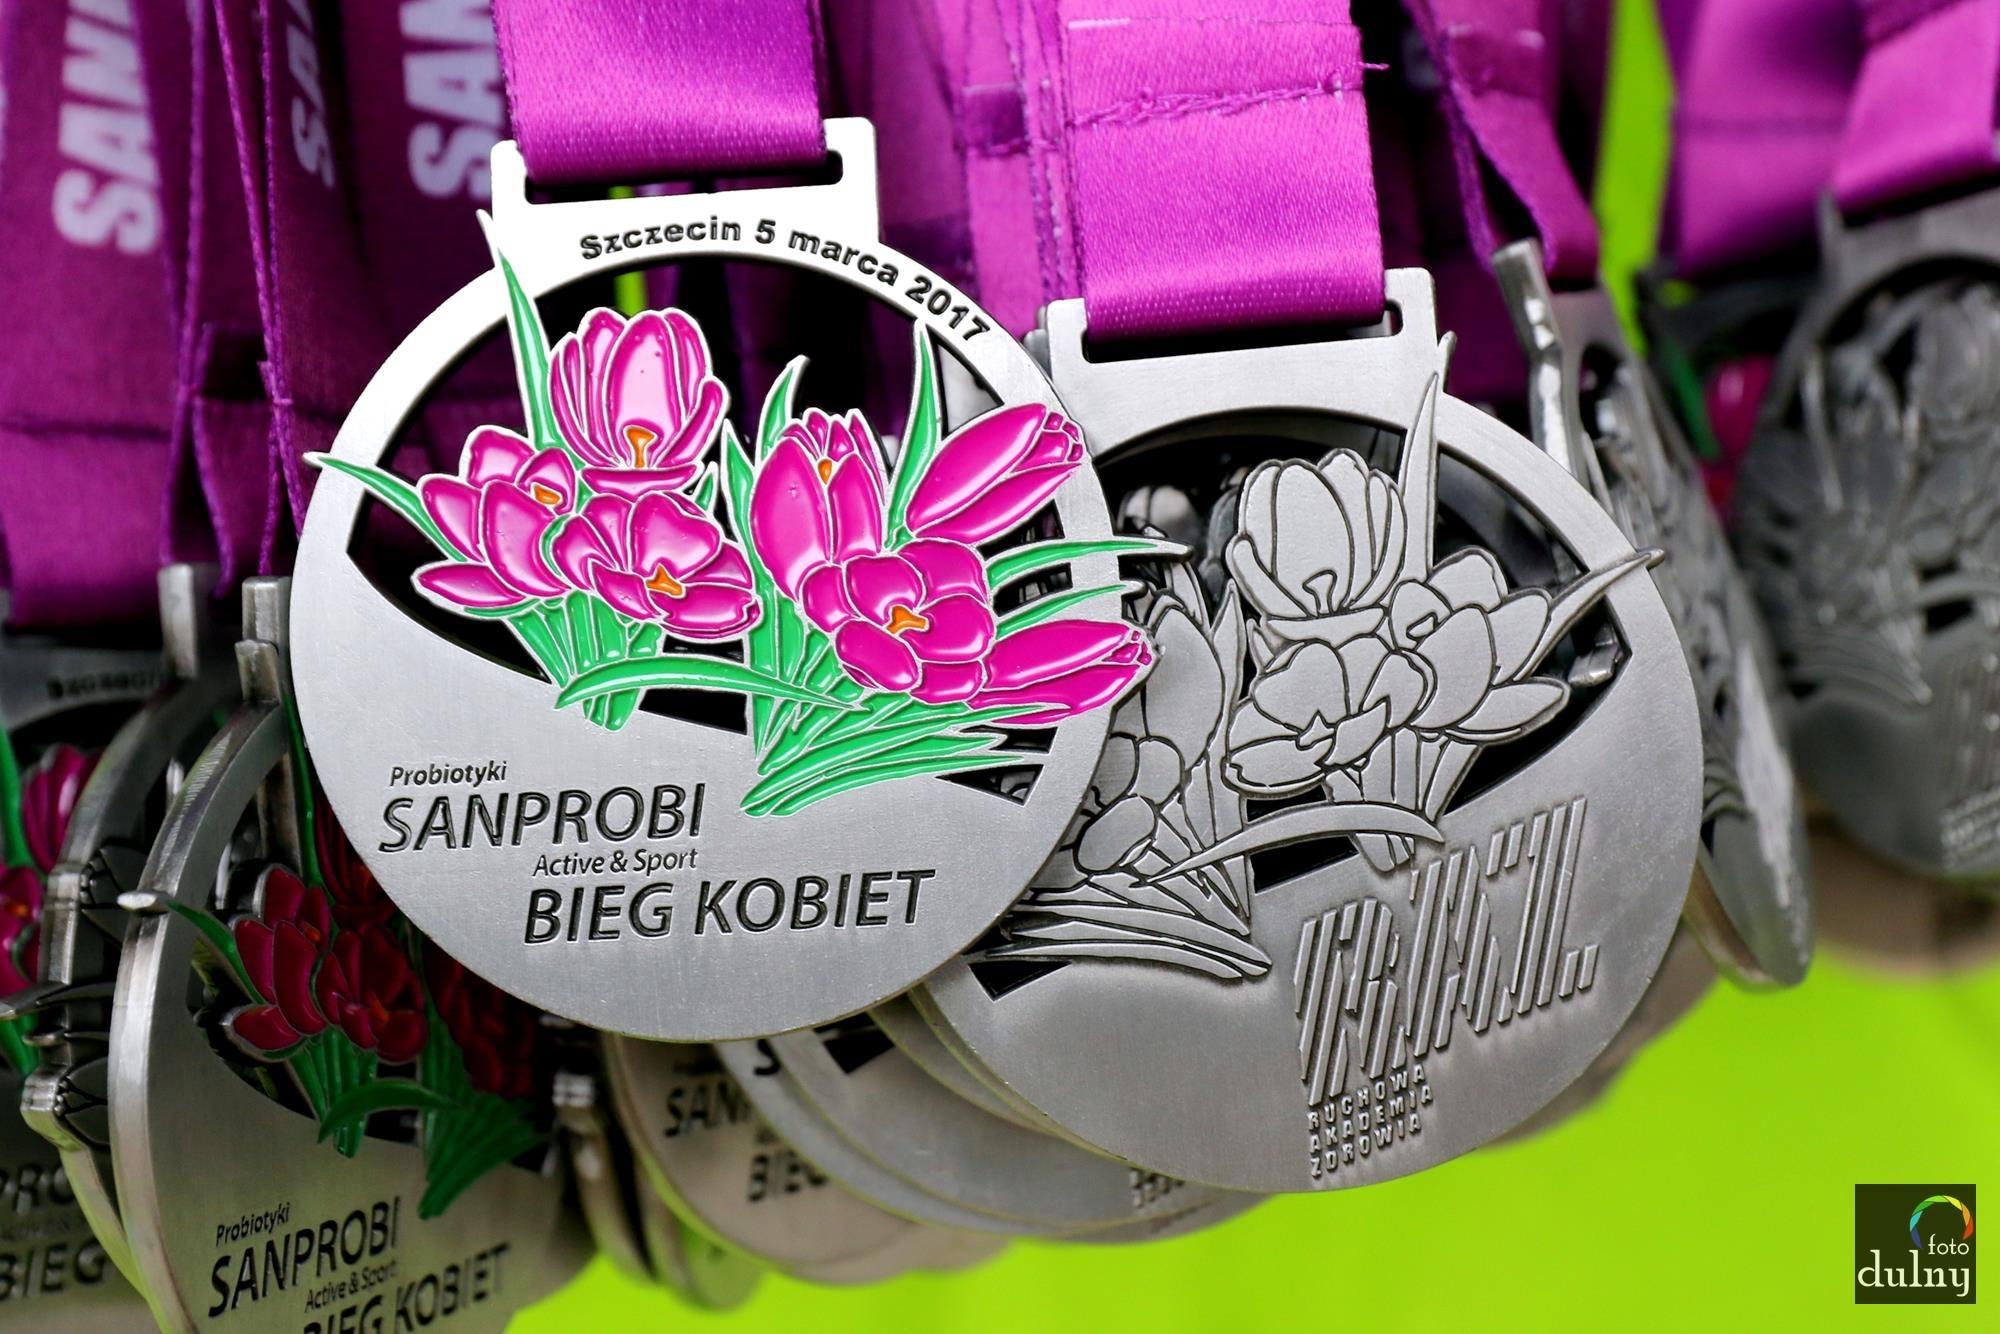 sanprobi alkala bieg kobiet szczecin 2017